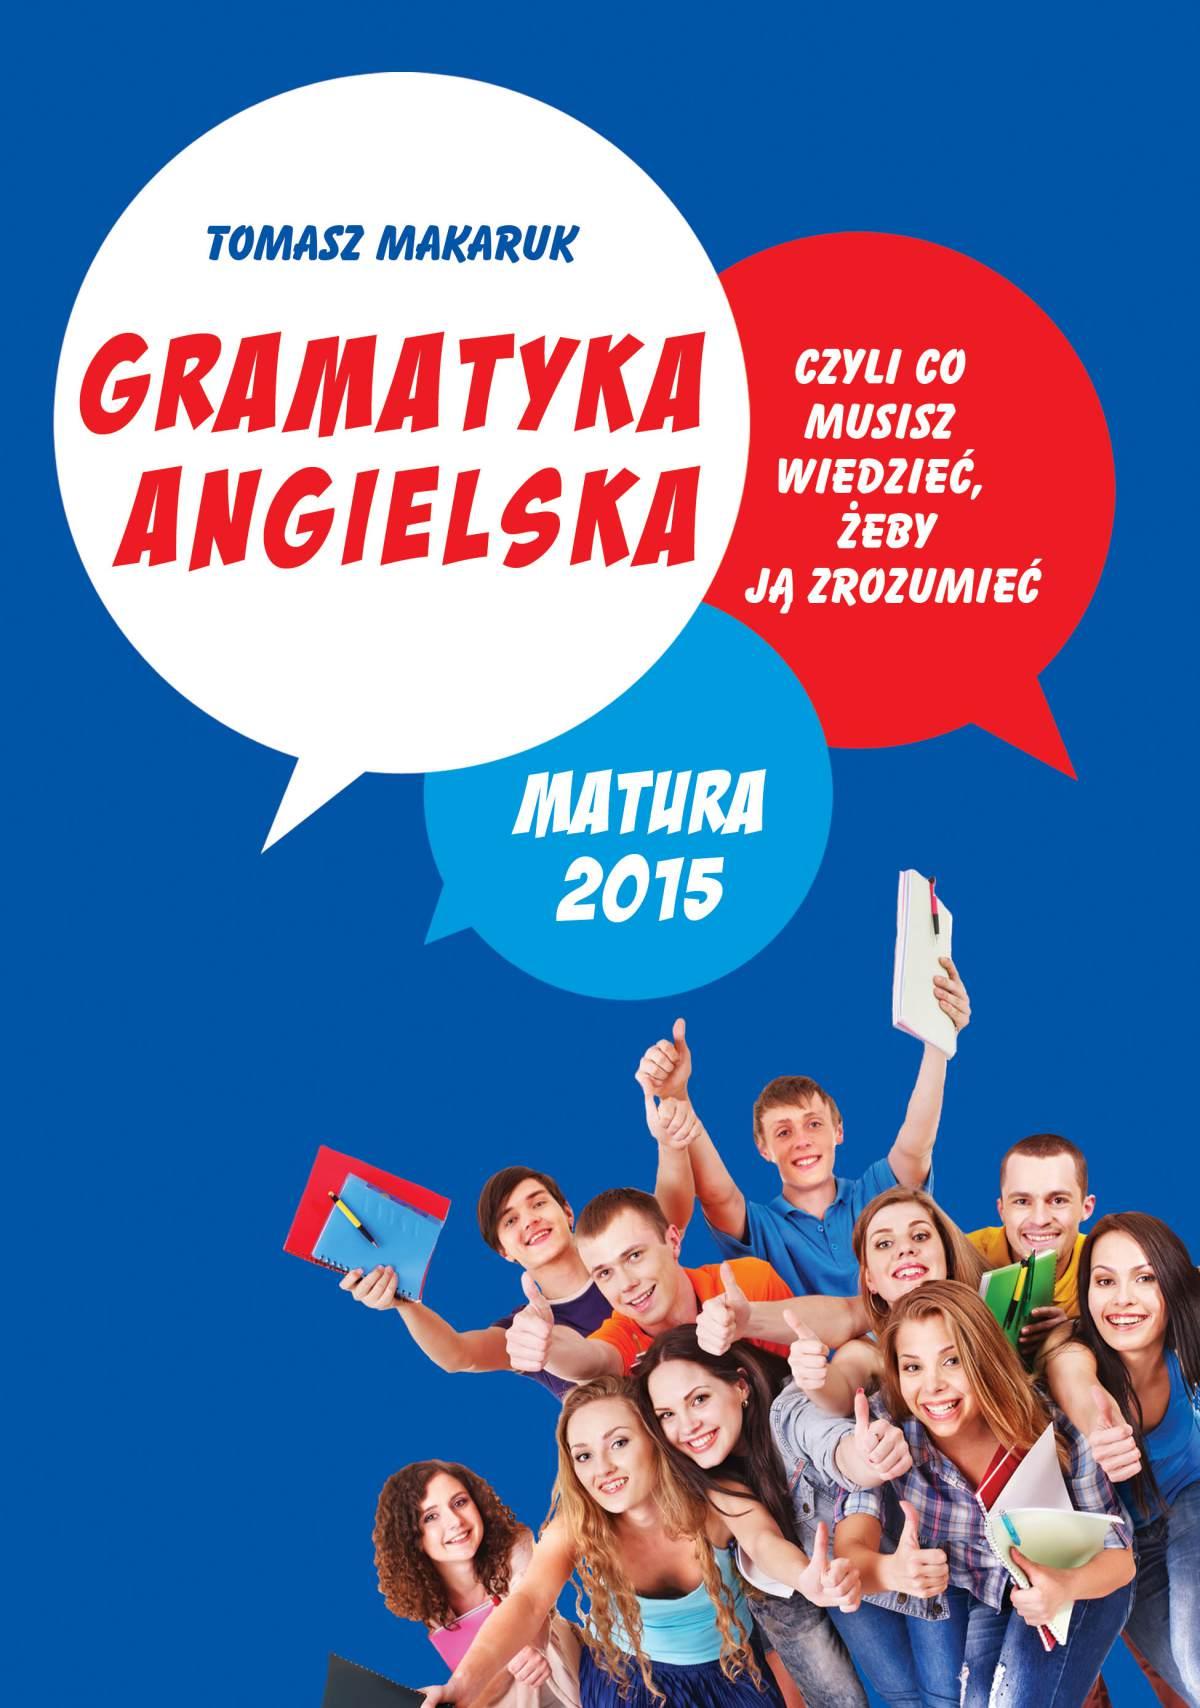 Gramatyka angielska, czyli co musisz wiedzieć, żeby ją zrozumieć. Matura 2015 - Ebook (Książka na Kindle) do pobrania w formacie MOBI